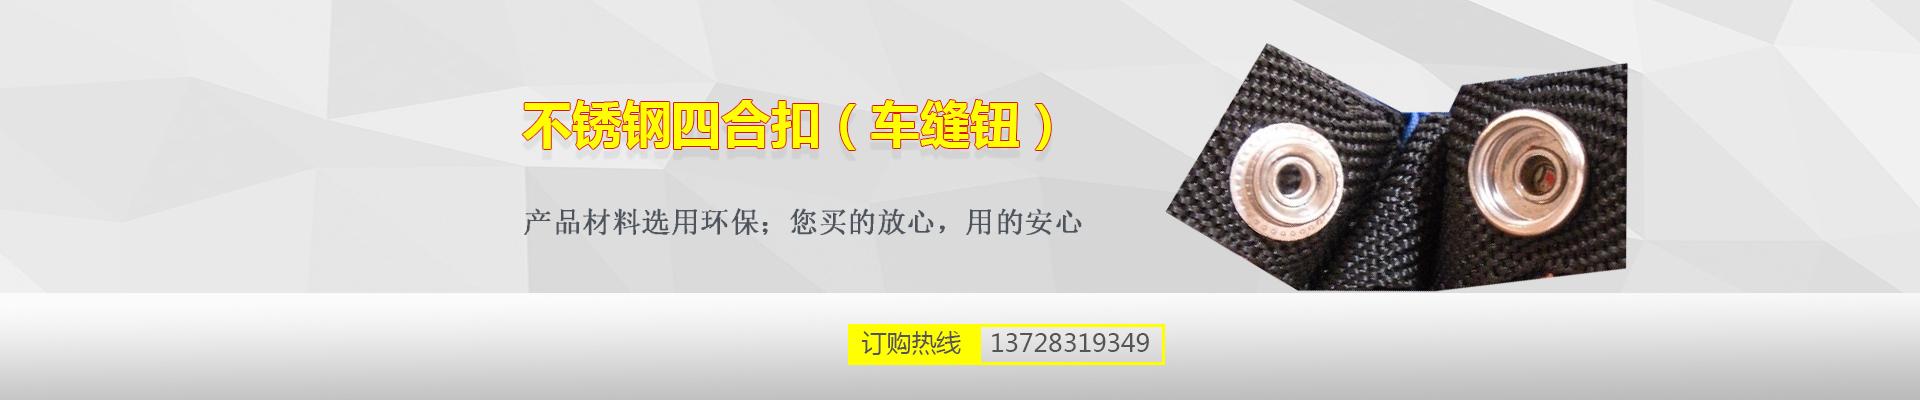 东莞市桥头迪贺五金制品厂